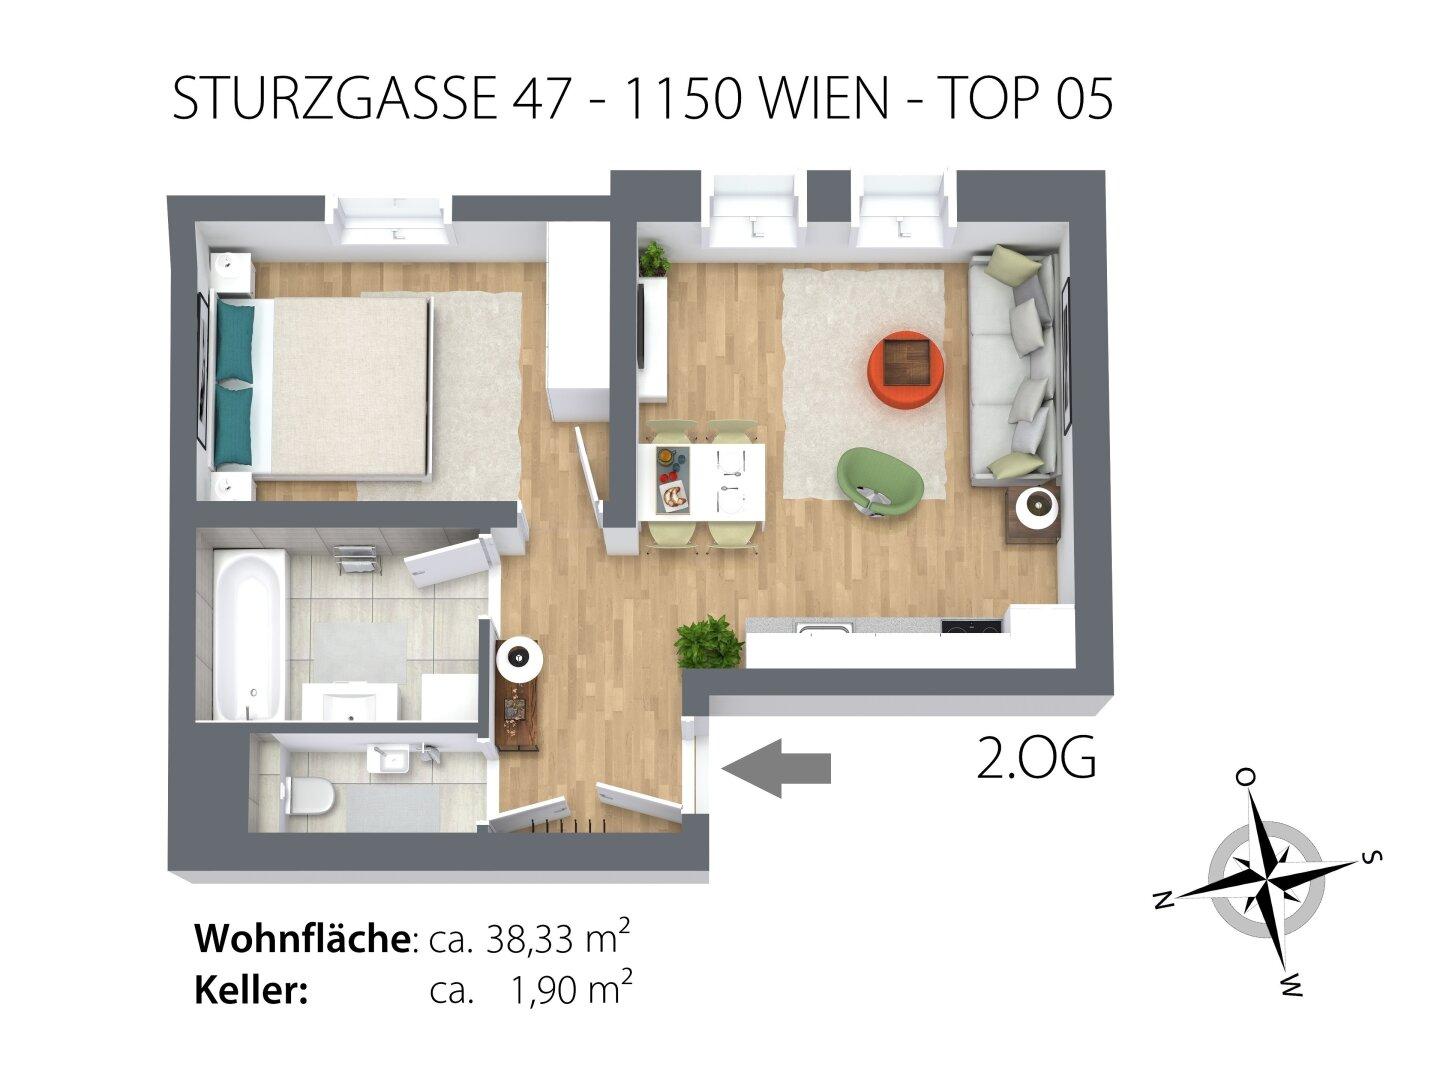 Grundriss 3D TOP 05